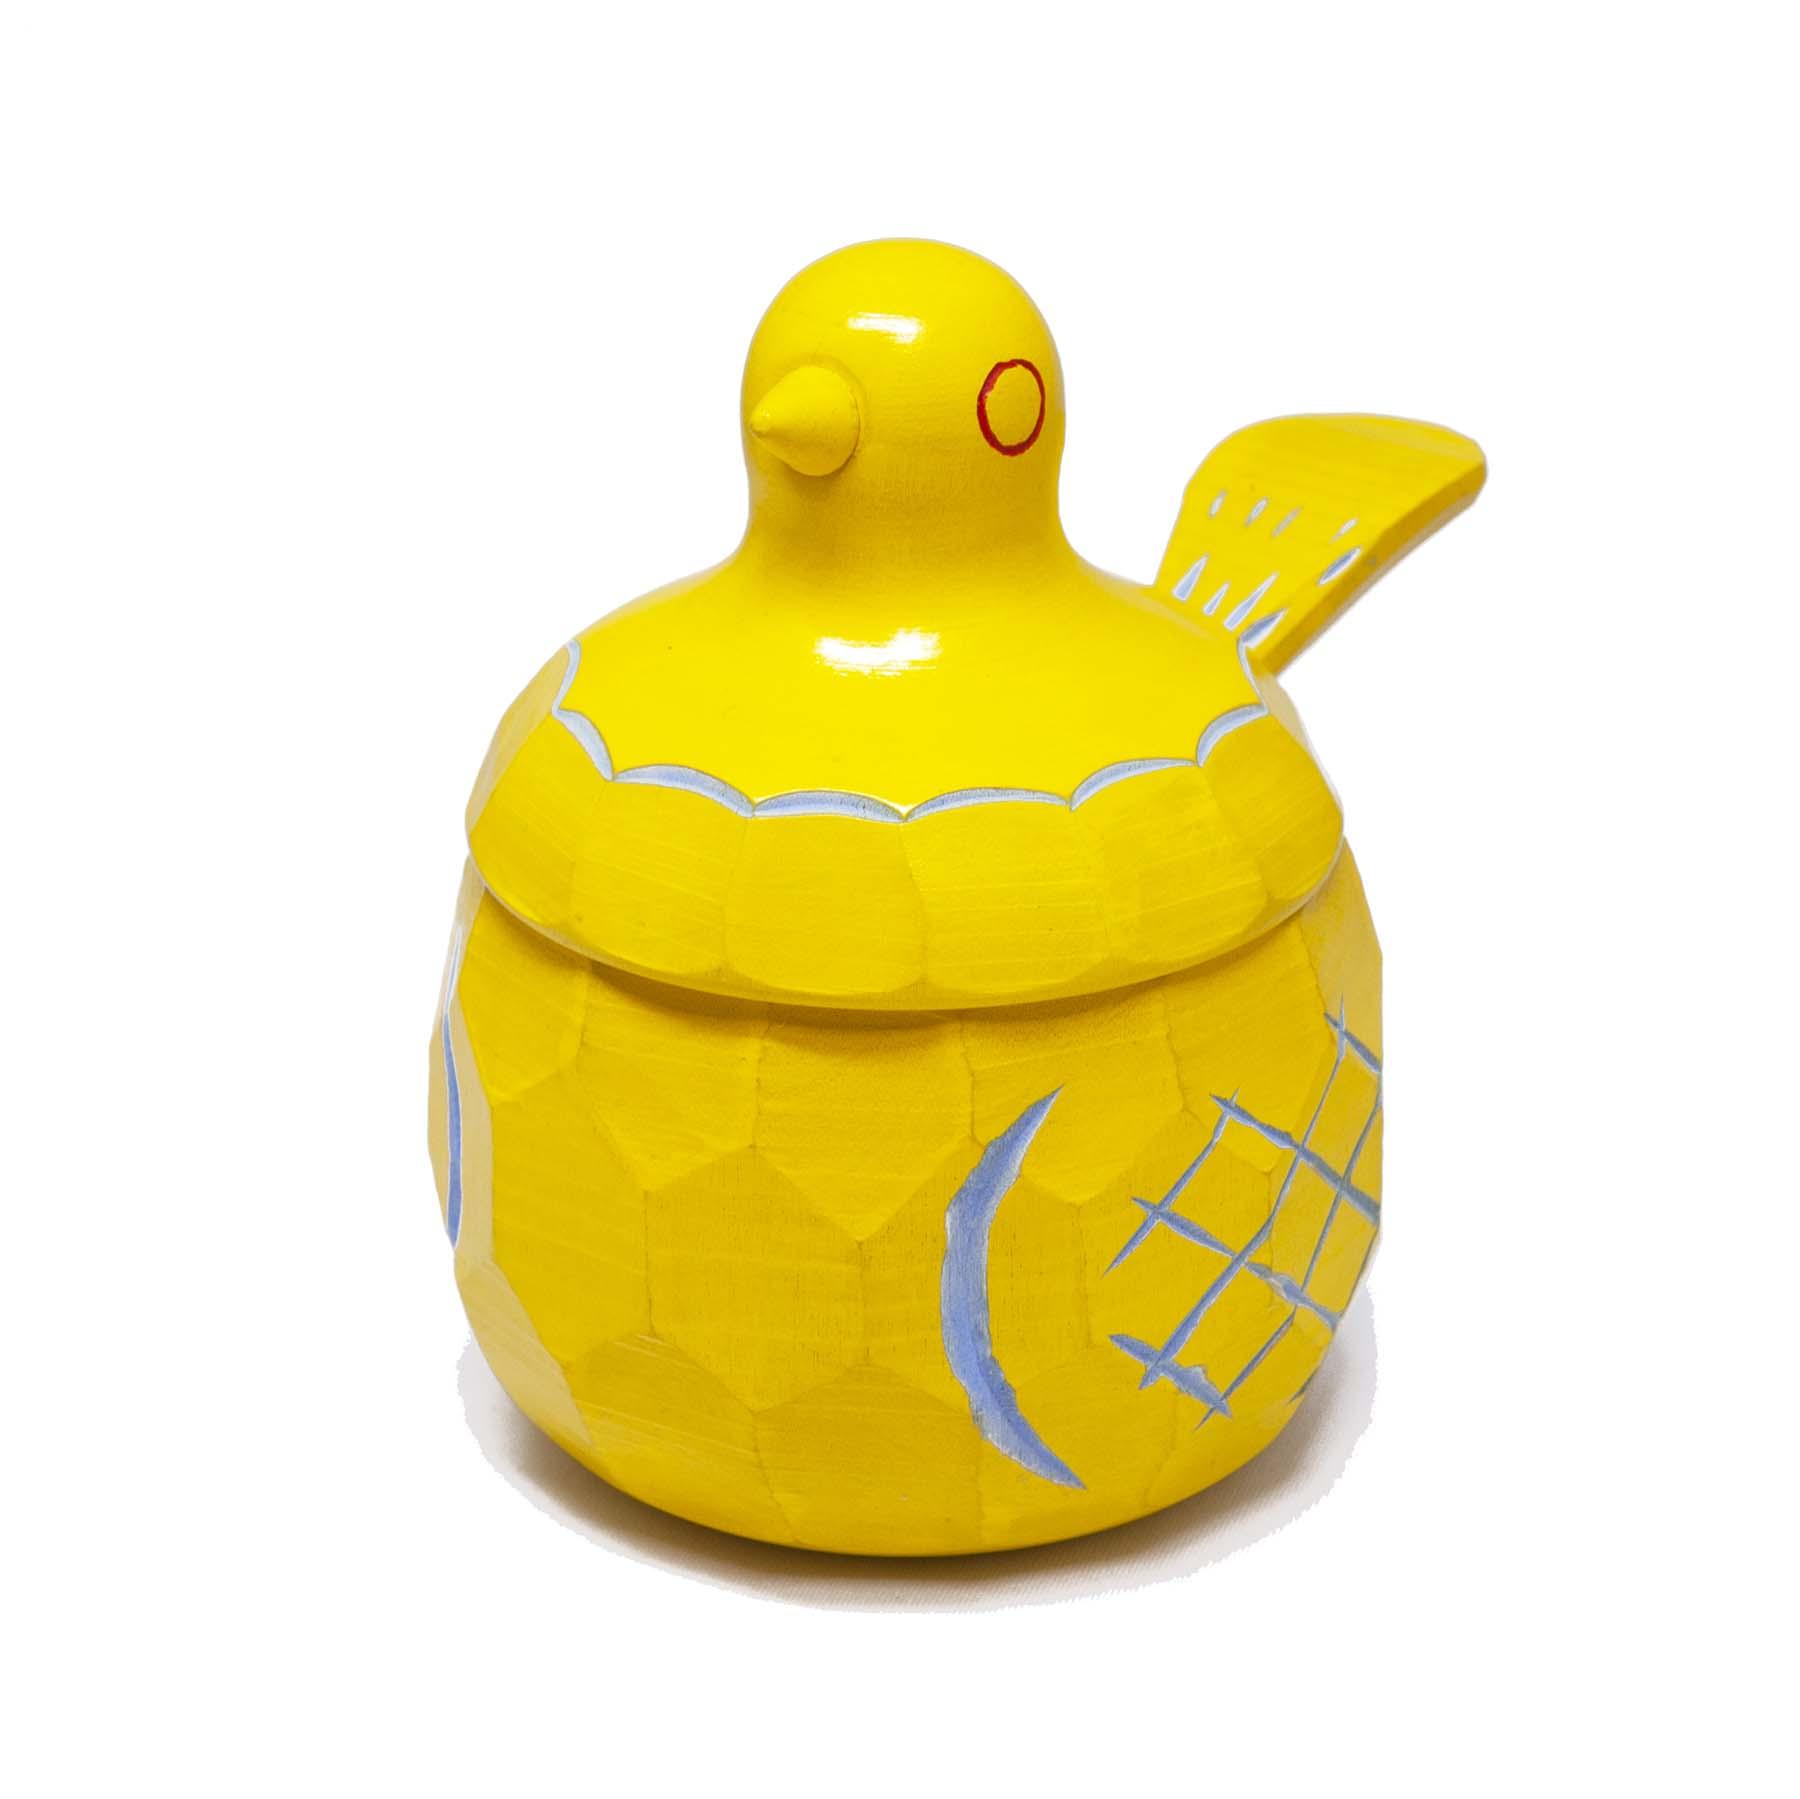 鳩の砂糖壺(黄)